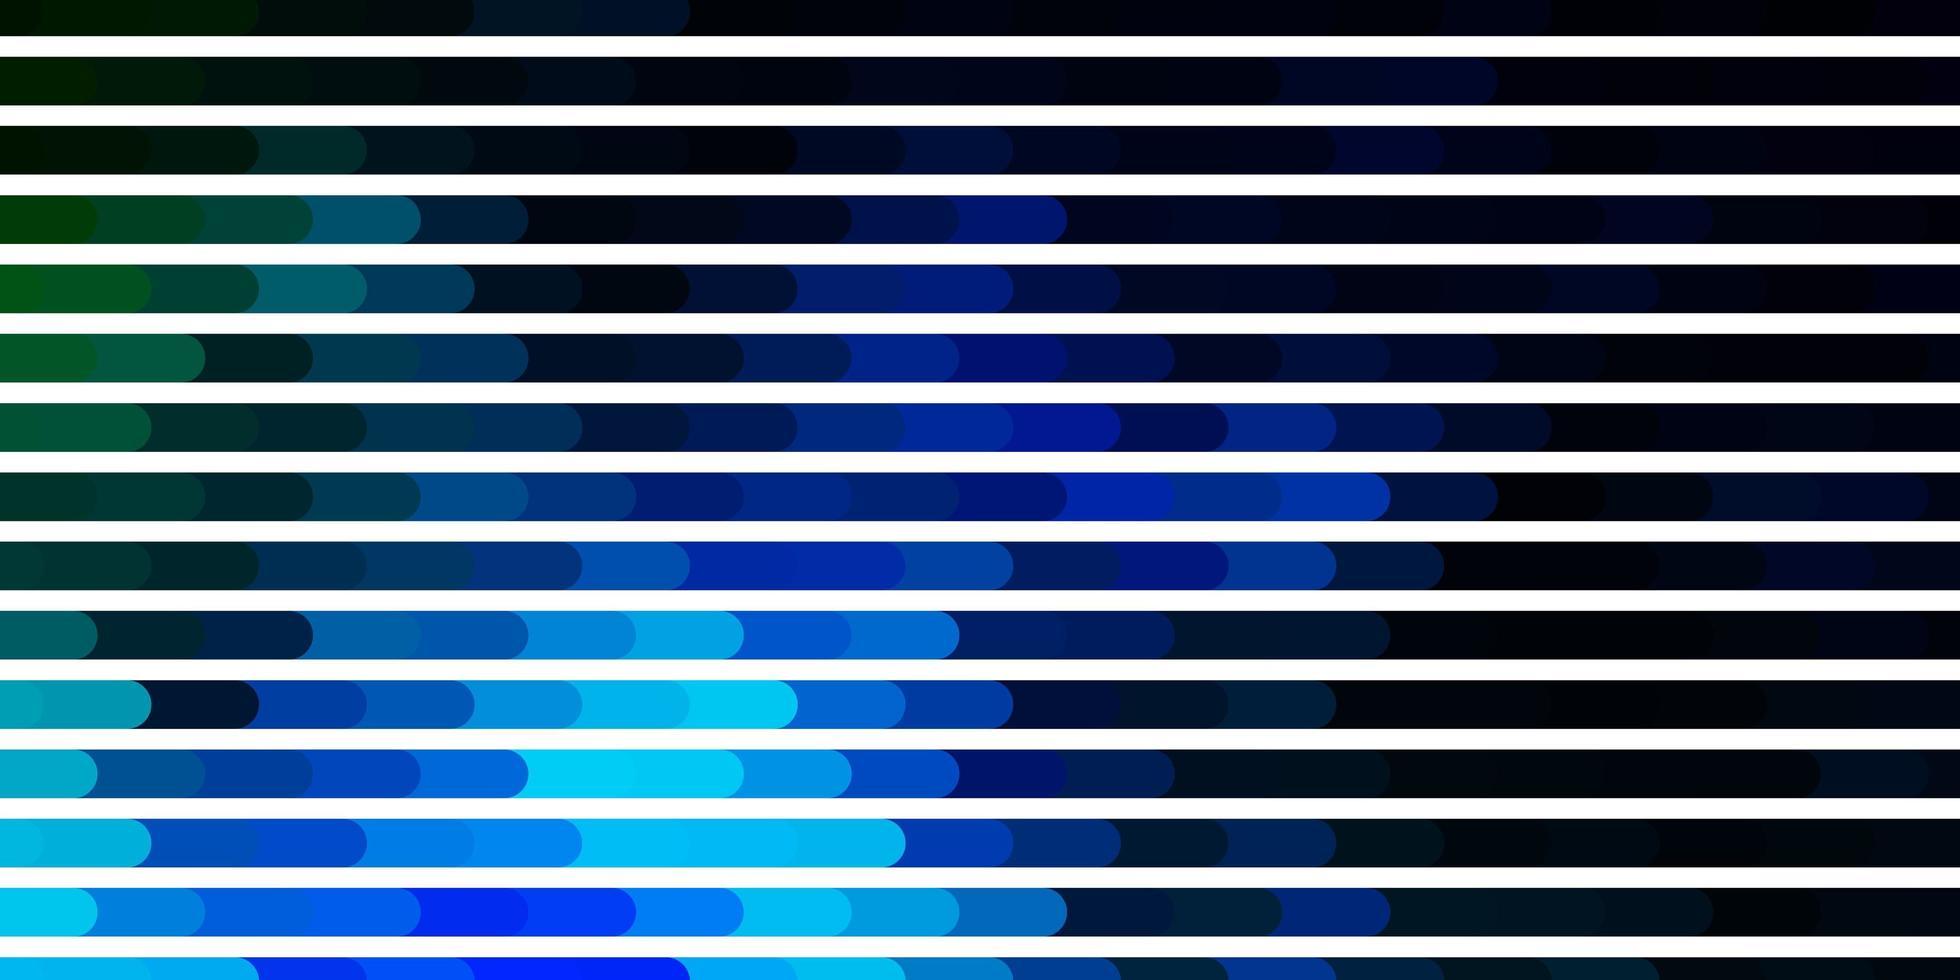 fond bleu et vert foncé avec des lignes. vecteur